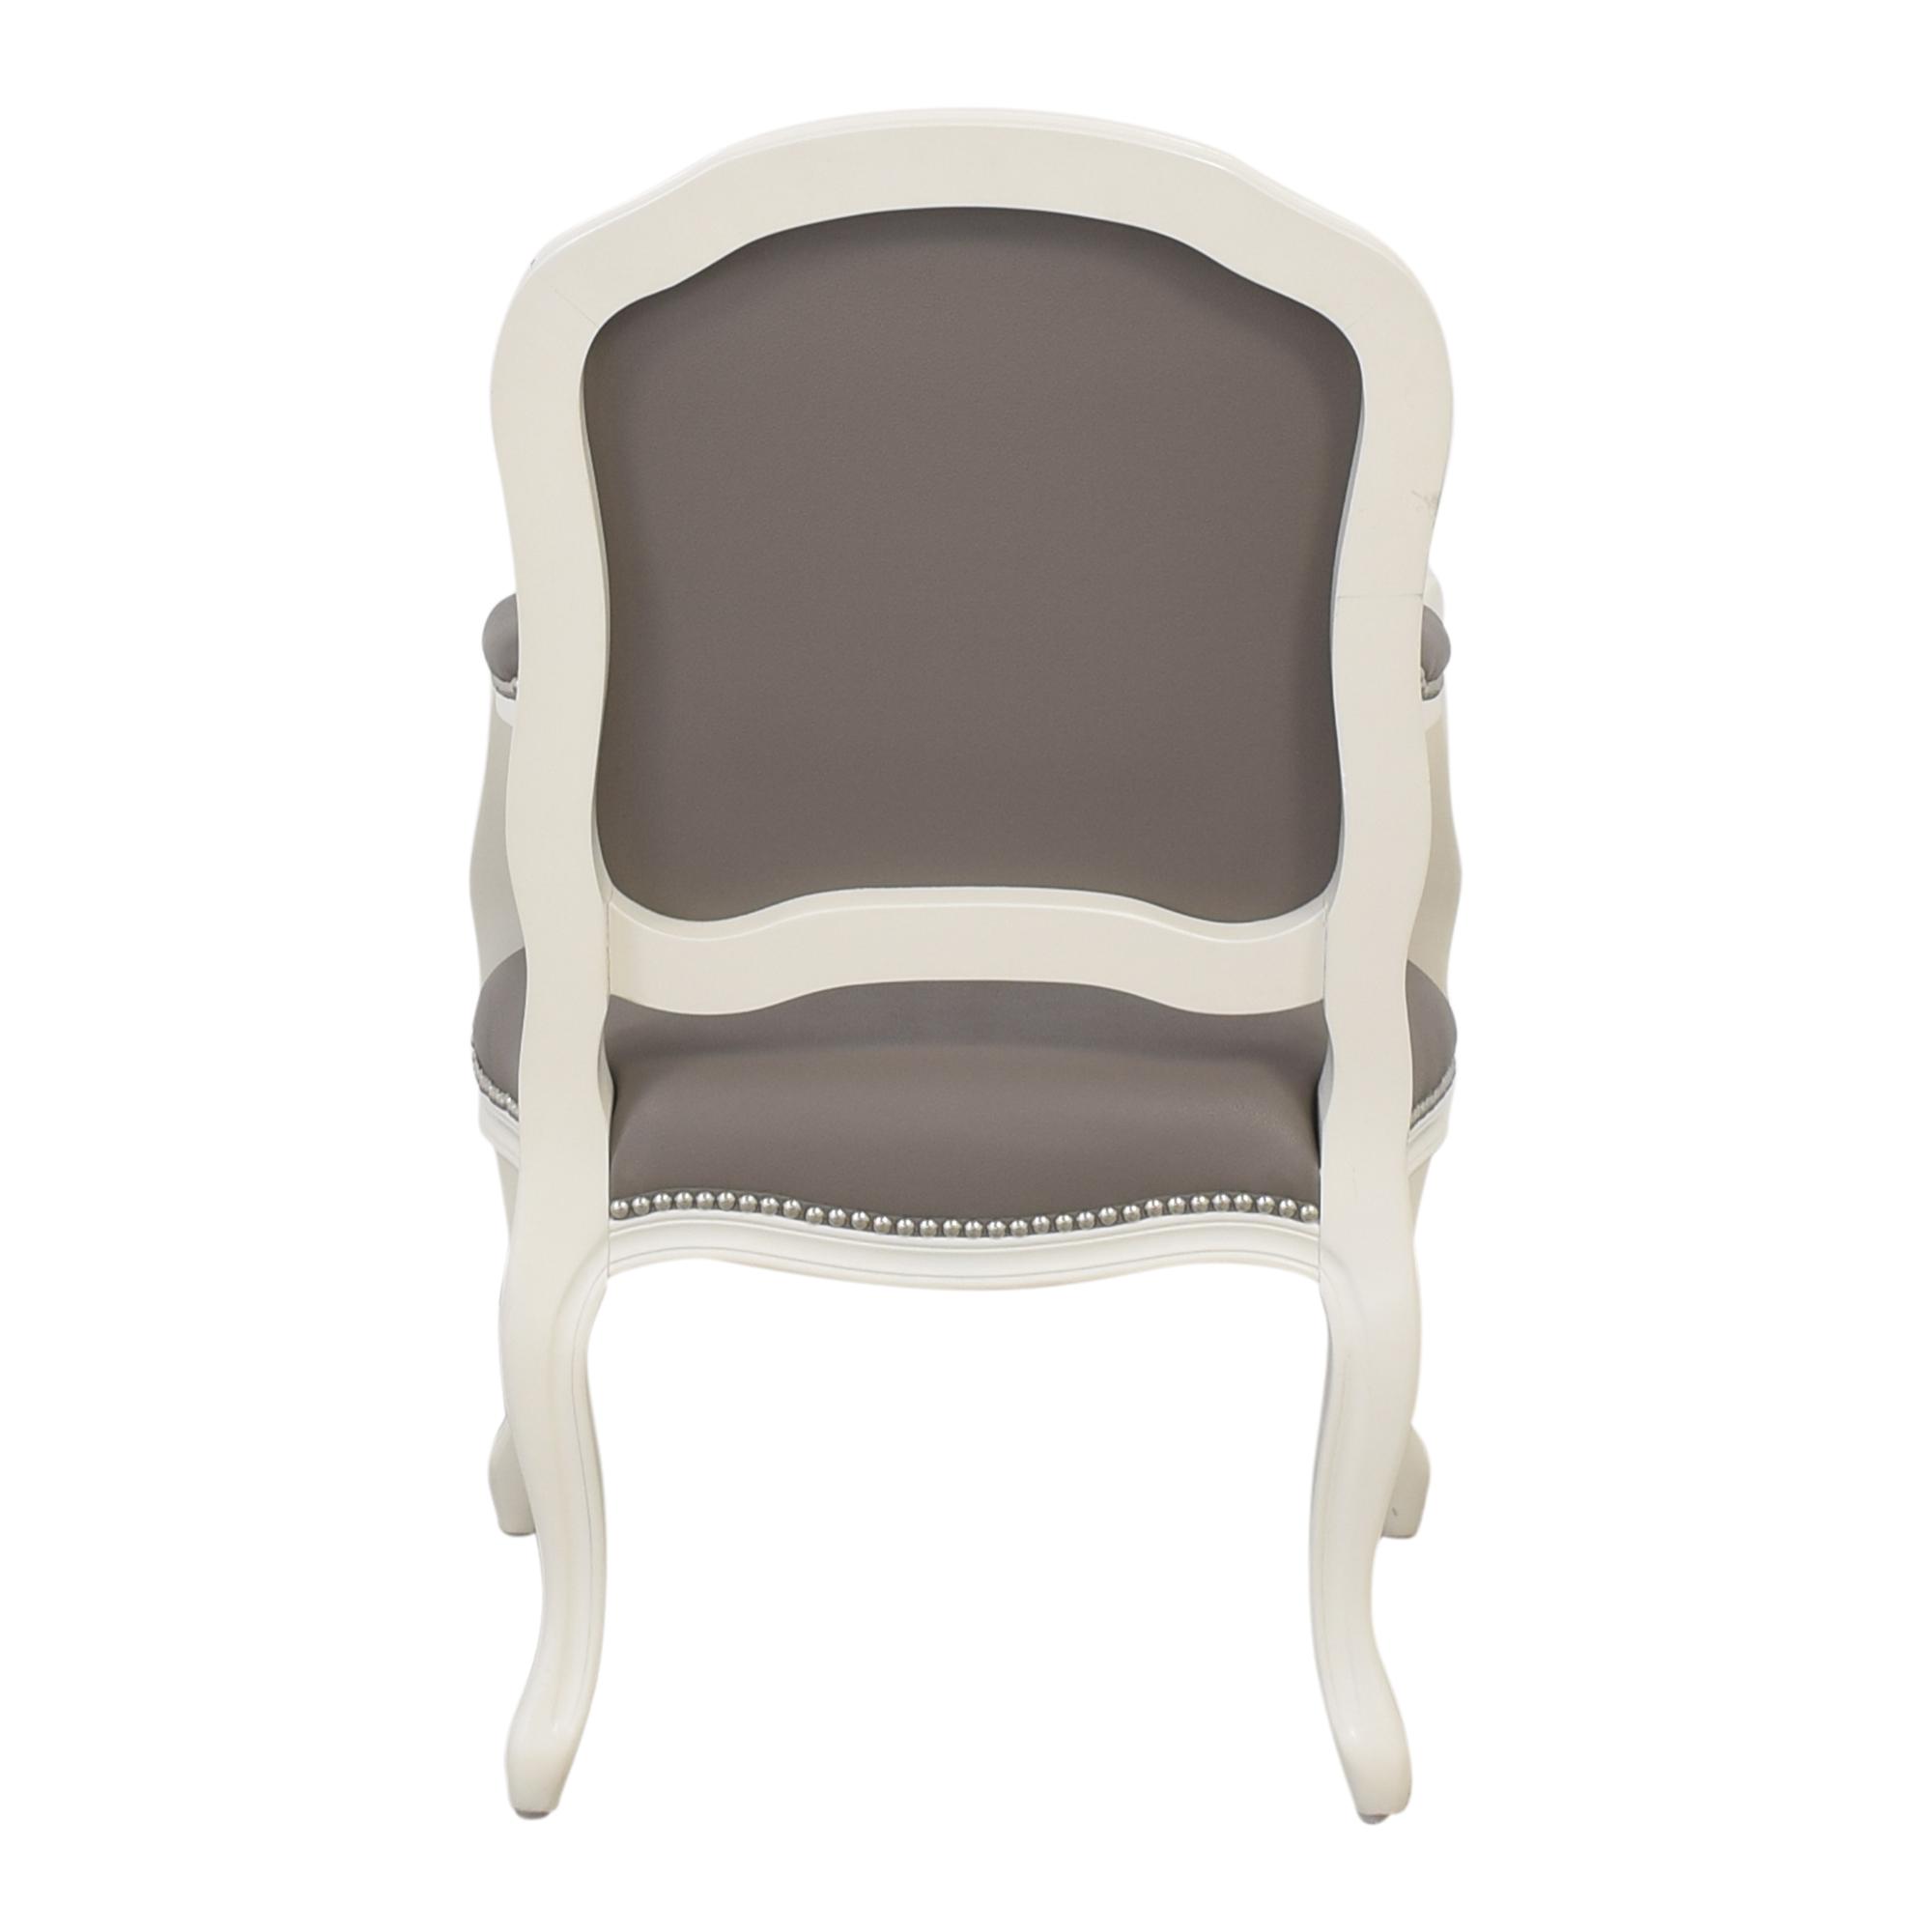 CB2 CB2 Stick Around Chair nyc